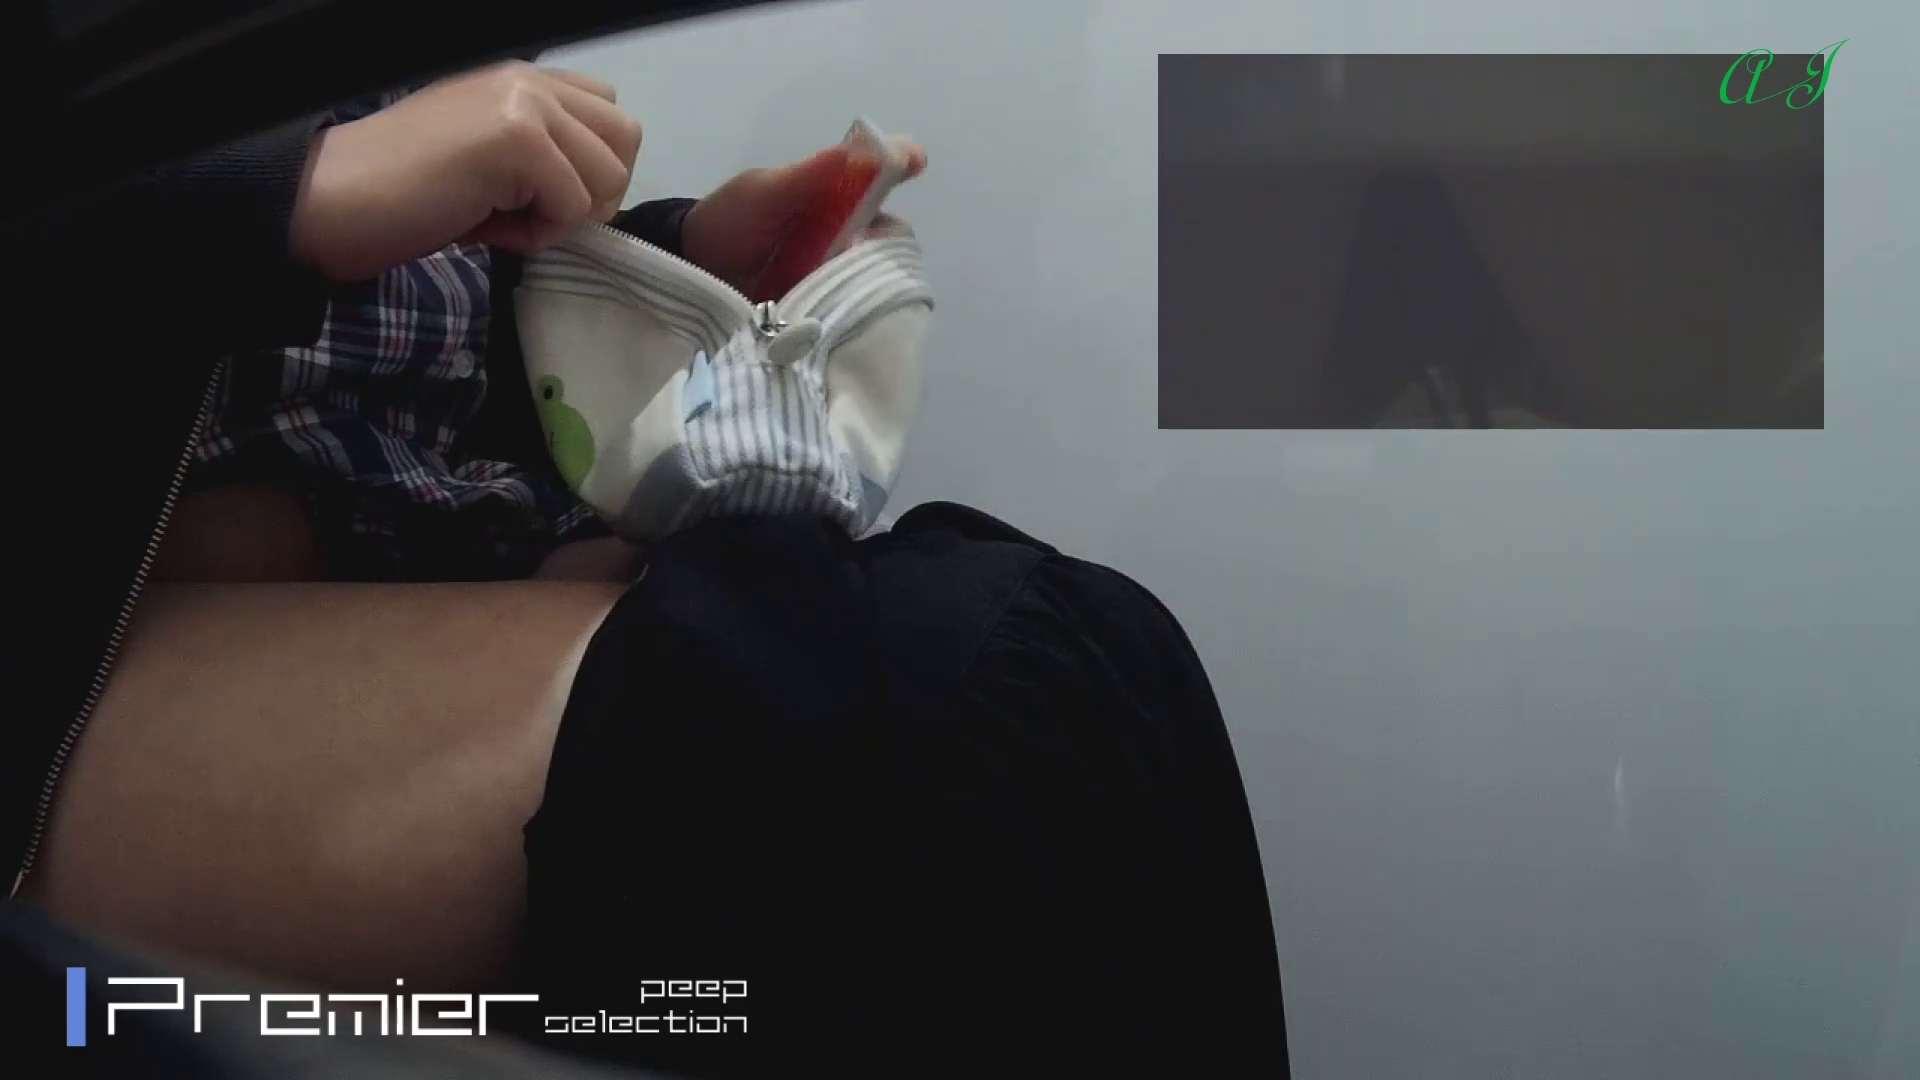 有名大学女性洗面所 vol.79排satuをしながらおにぎり食べる美女 排泄 エロ無料画像 87pic 55